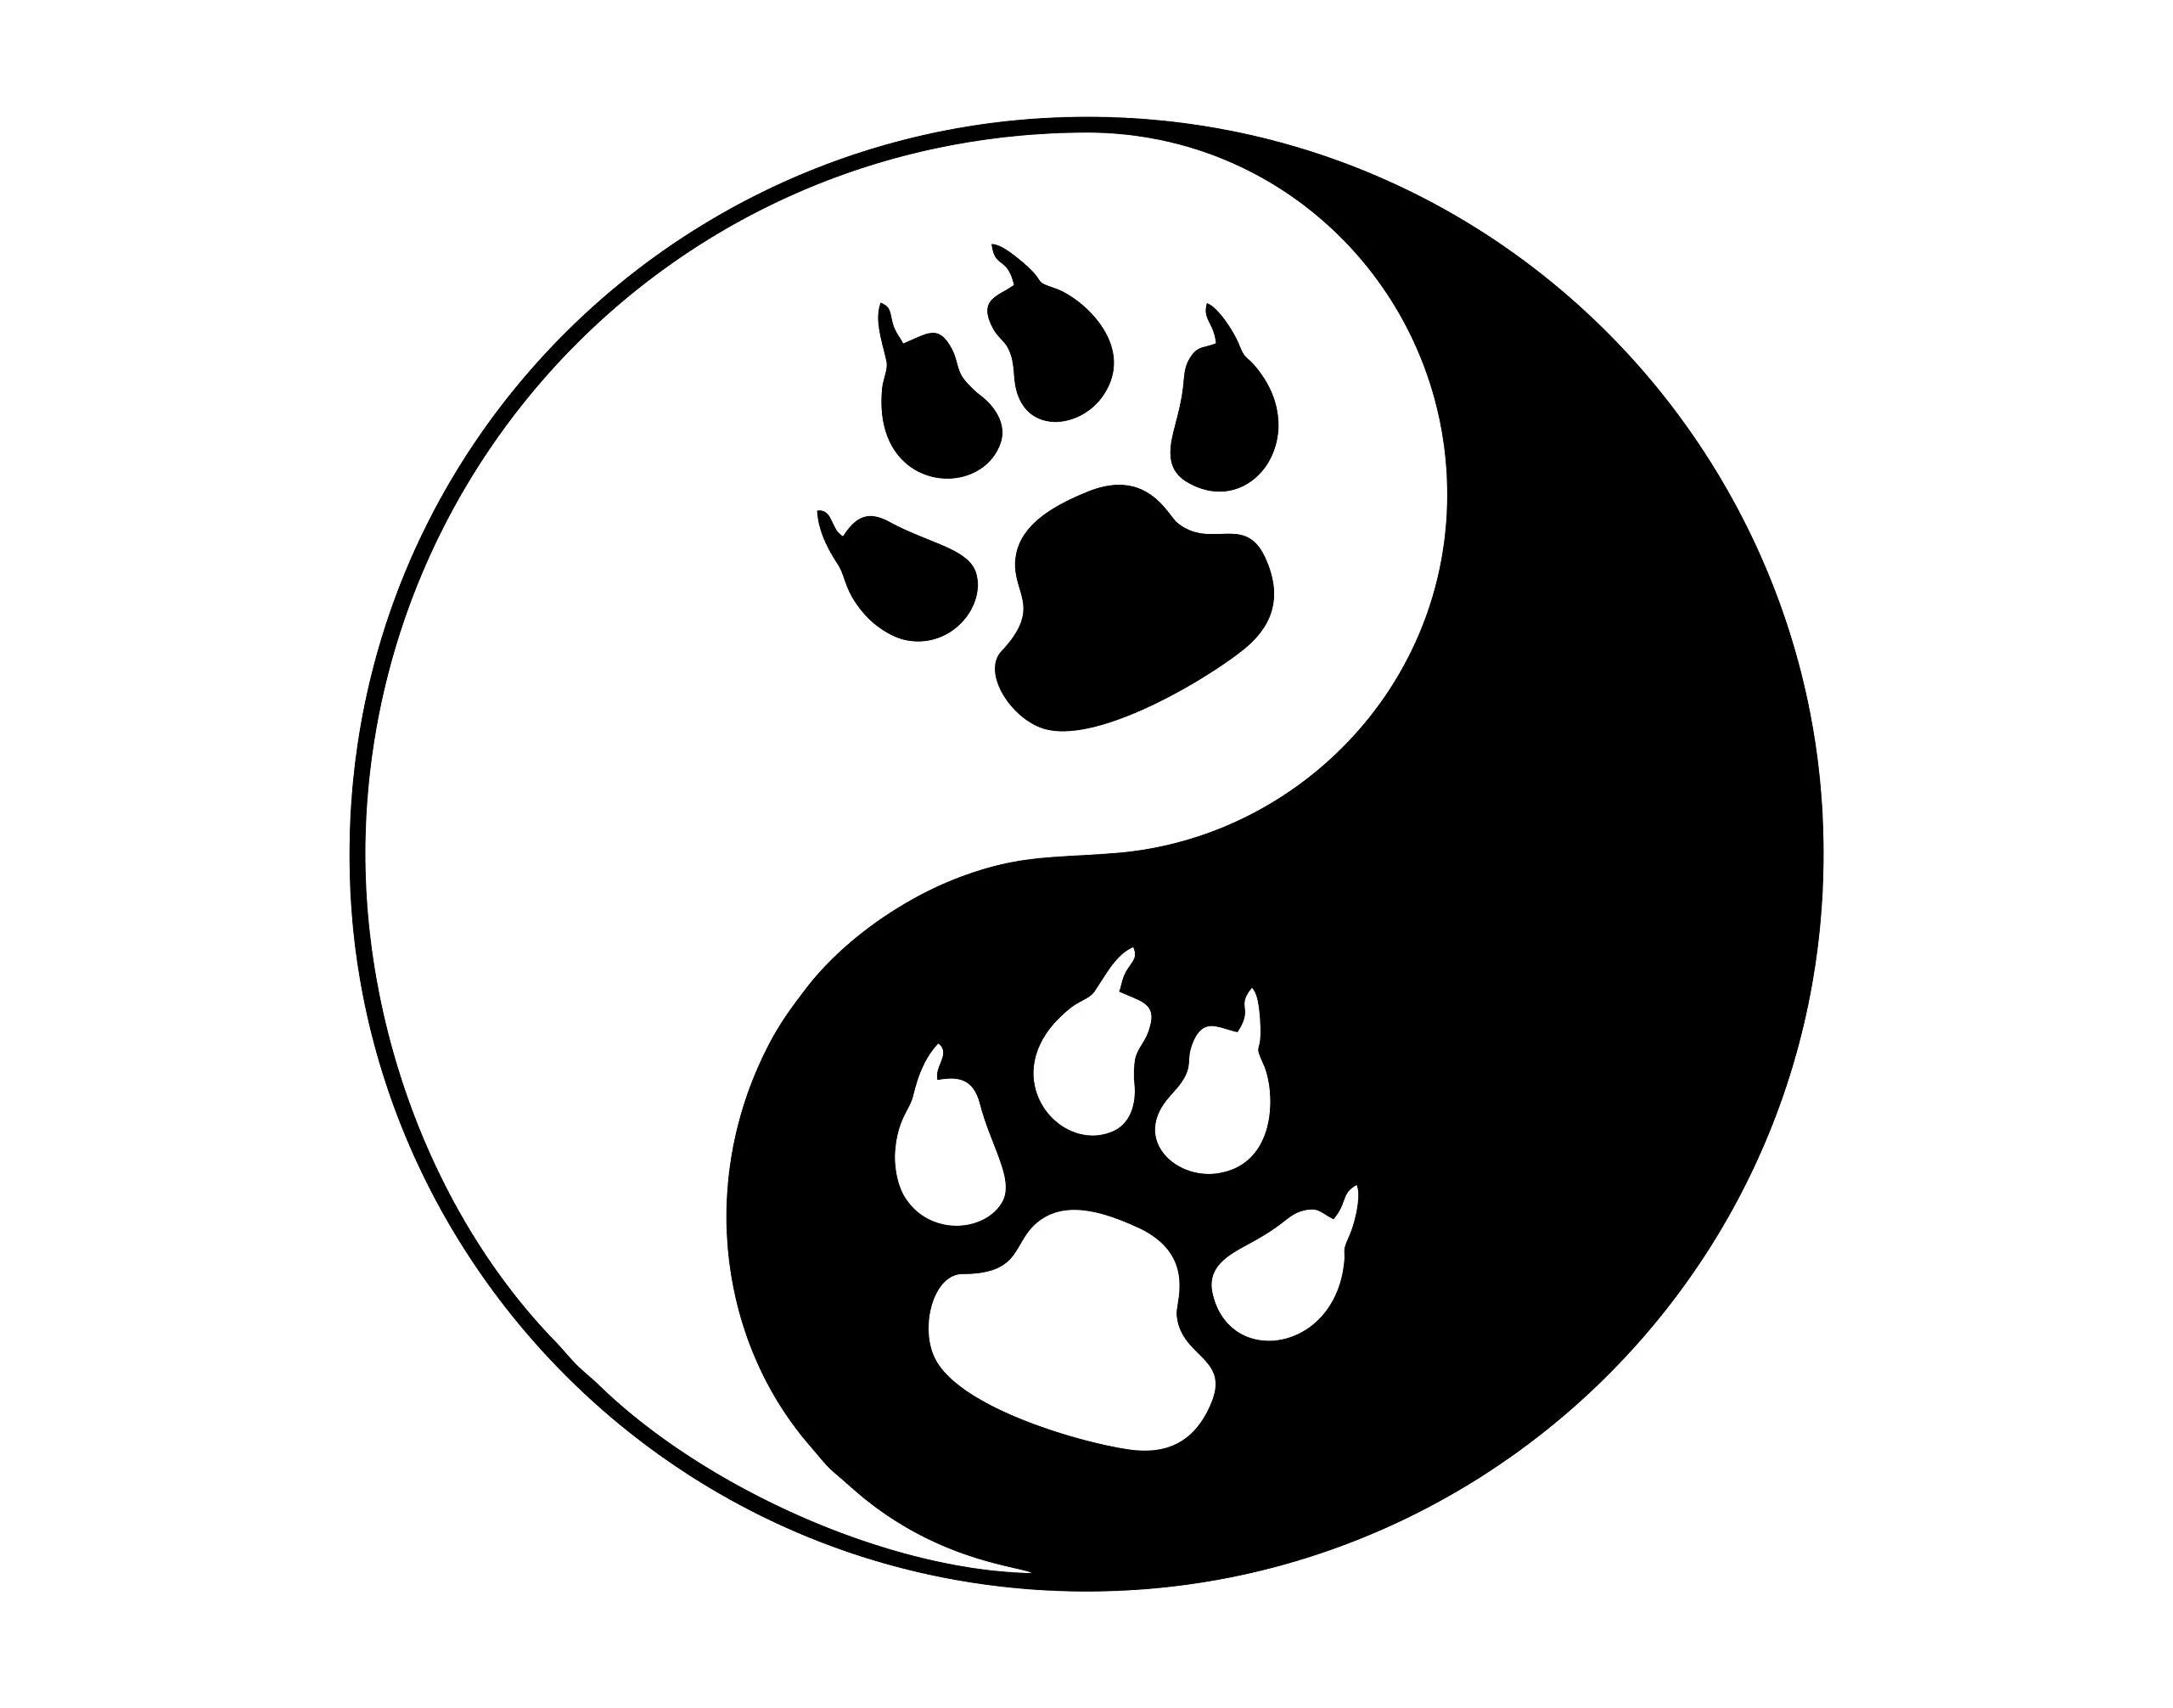 yin yang symbol with